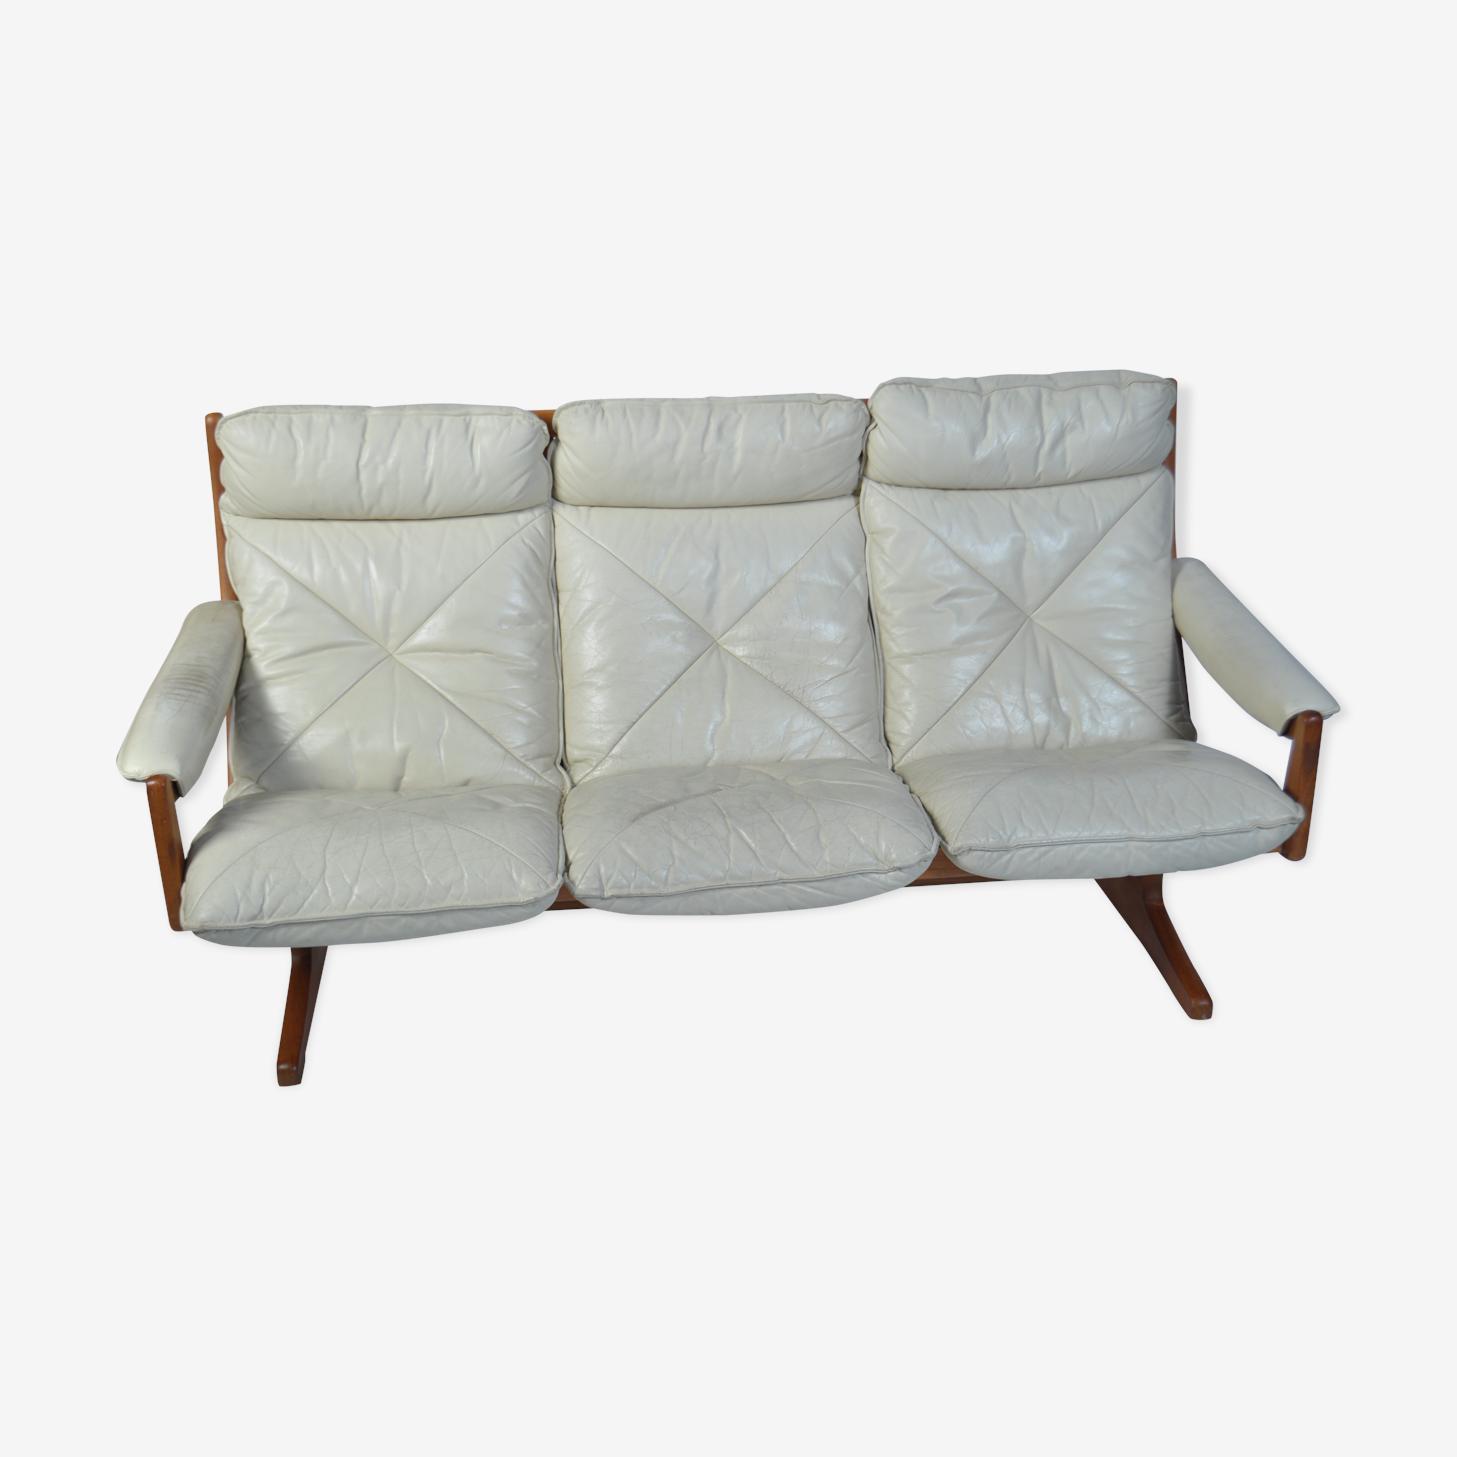 Canapé en cuir blanc danois